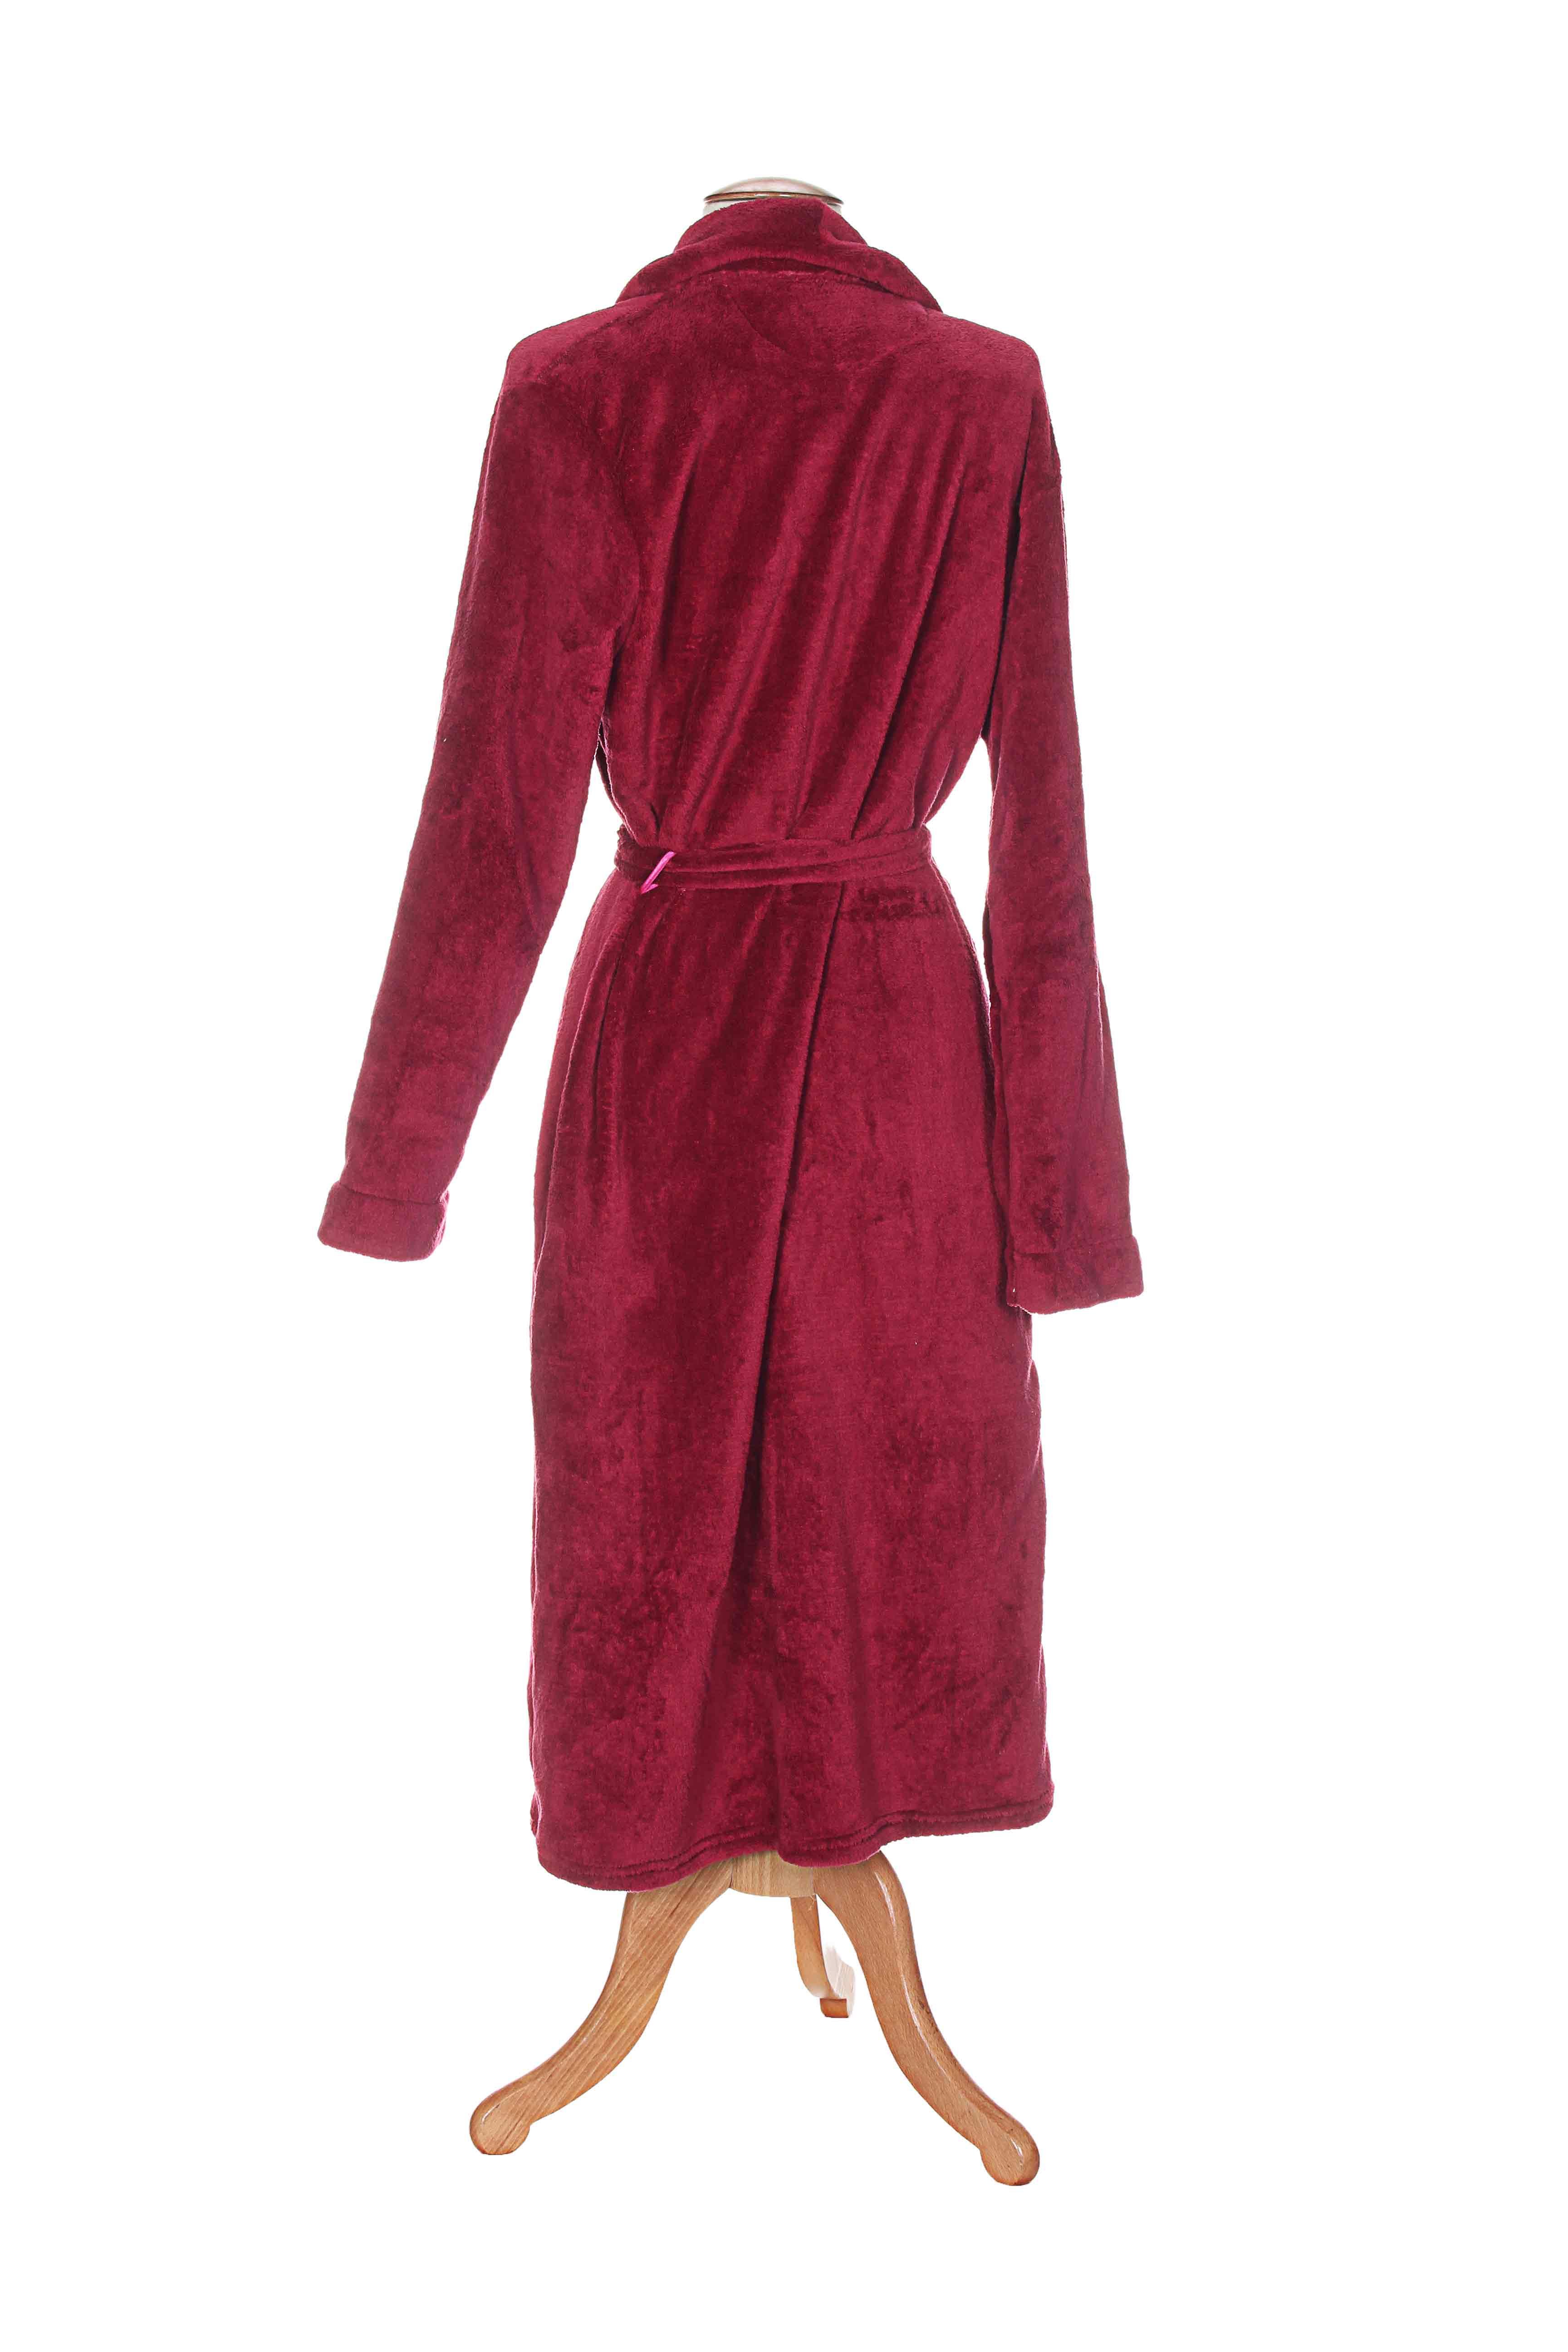 le chat robes de chambre peignoirs femme de couleur rouge. Black Bedroom Furniture Sets. Home Design Ideas